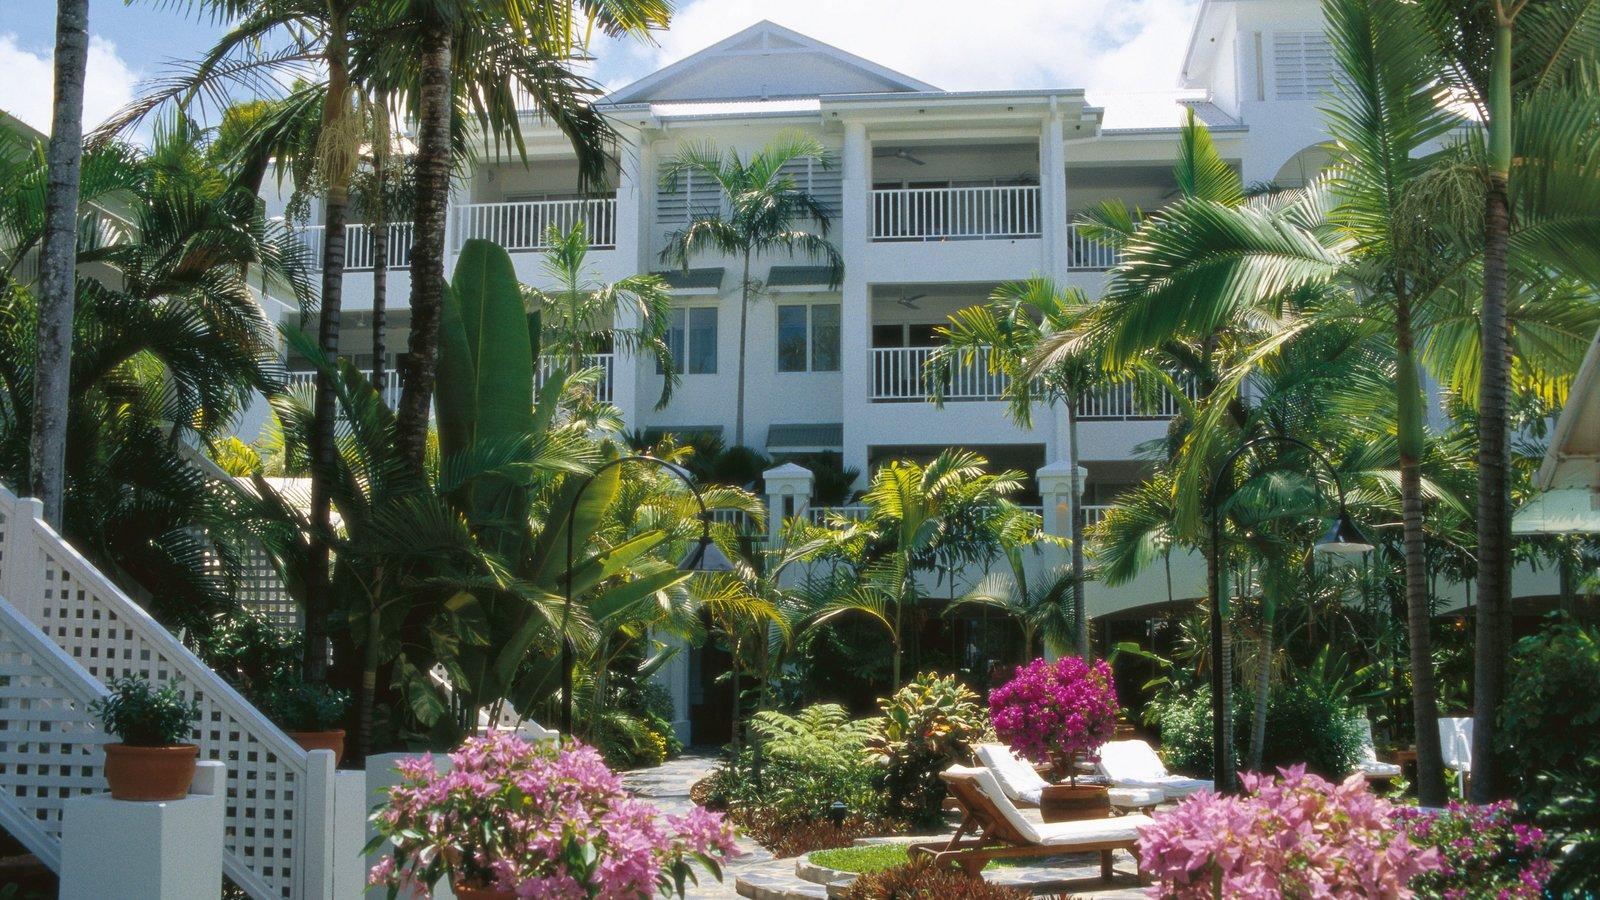 Palm Cove mostrando una ciudad, escenas tropicales y flores